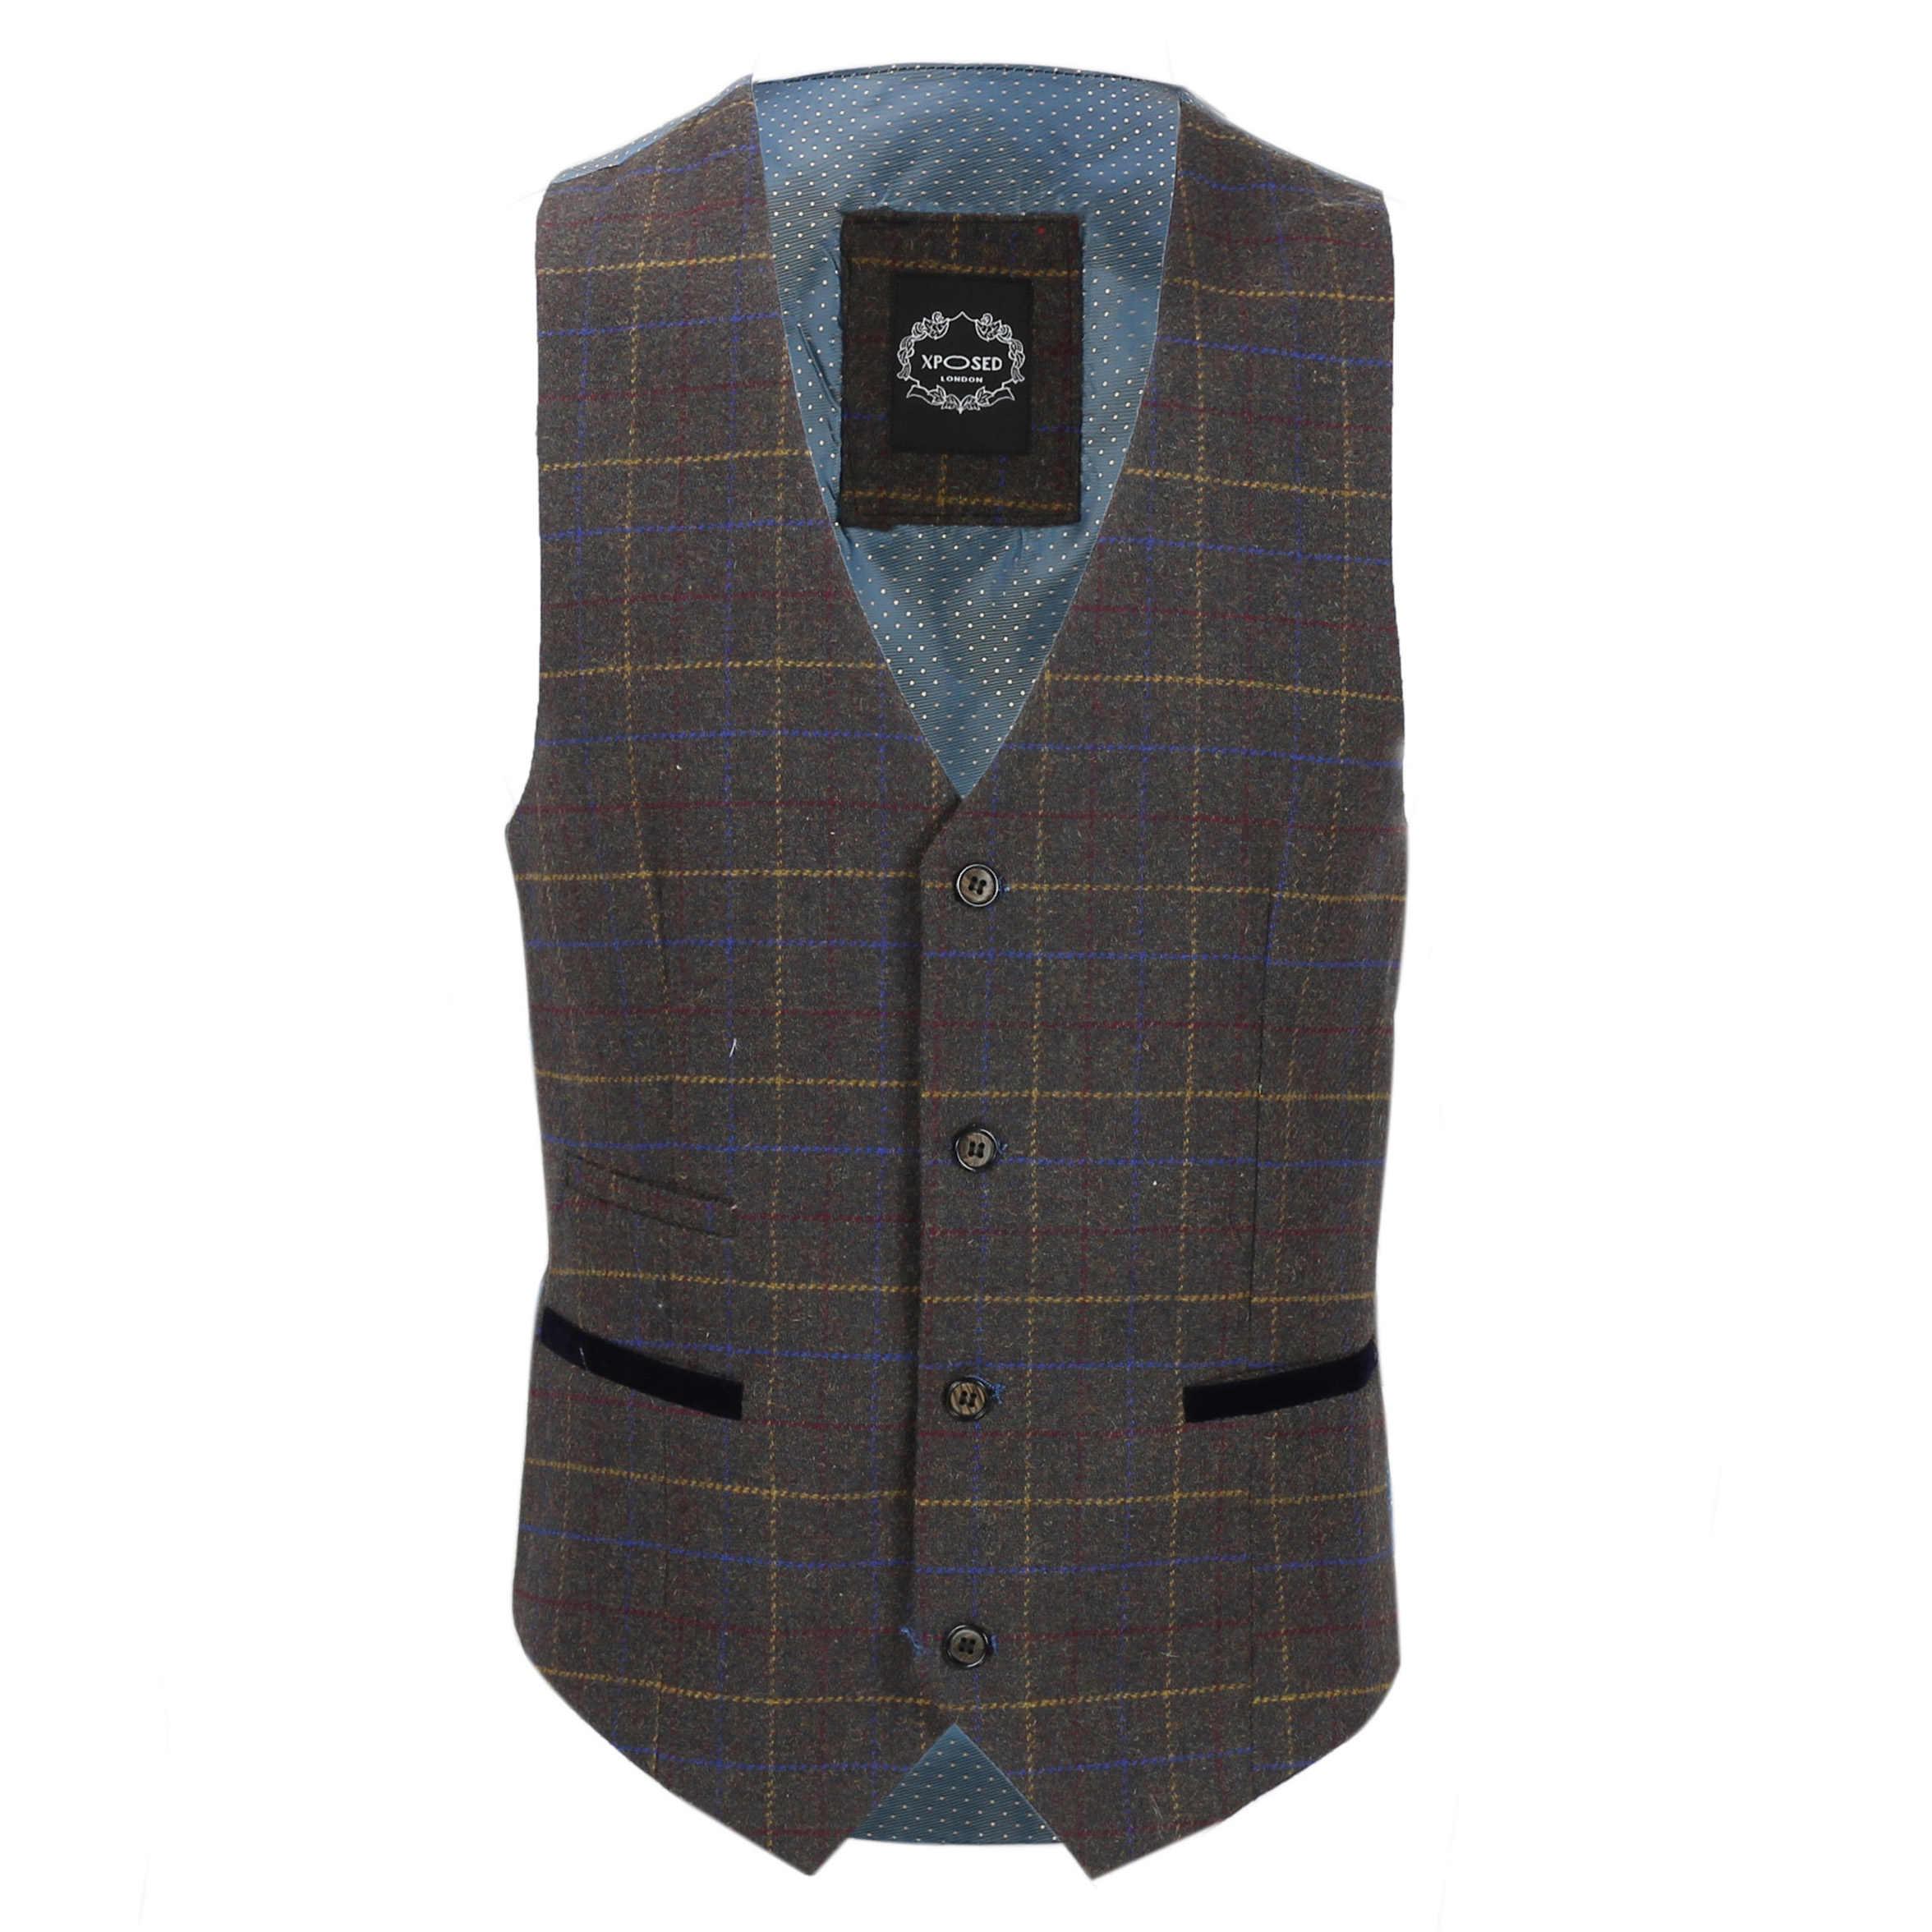 Nuevo-Chaleco-De-Hombre-Retro-Vintage-Marron-Tweed-Espiga-Roble-cheque-Smart-Casual miniatura 36